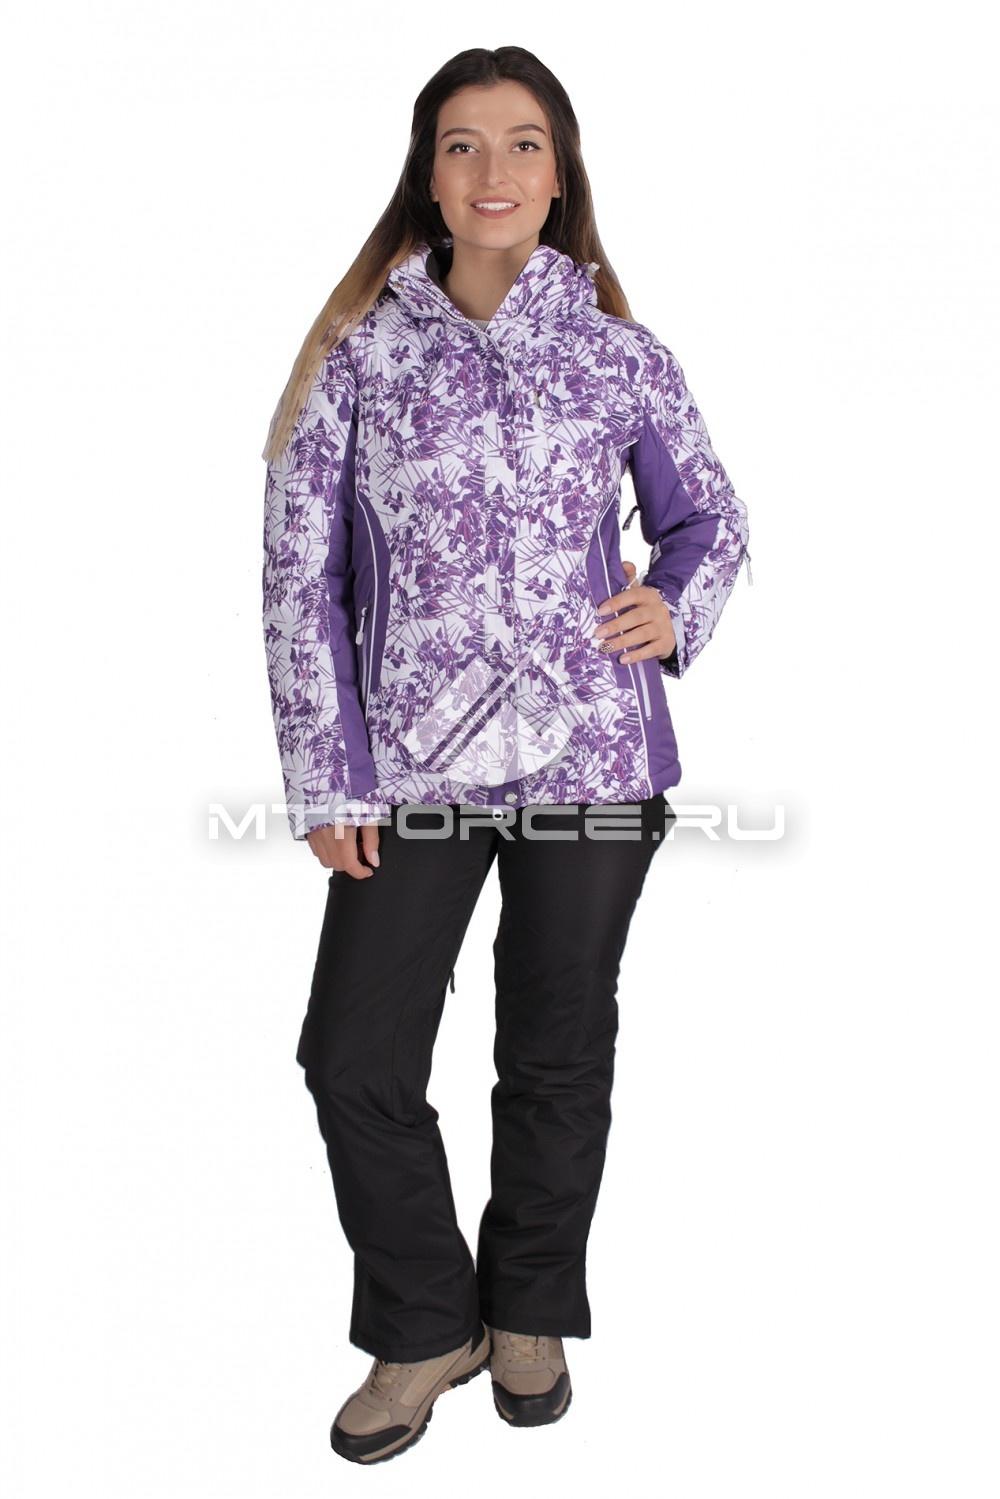 Купить                                  оптом Костюм горнолыжный женский фиолетового цвета 015151F в Санкт-Петербурге